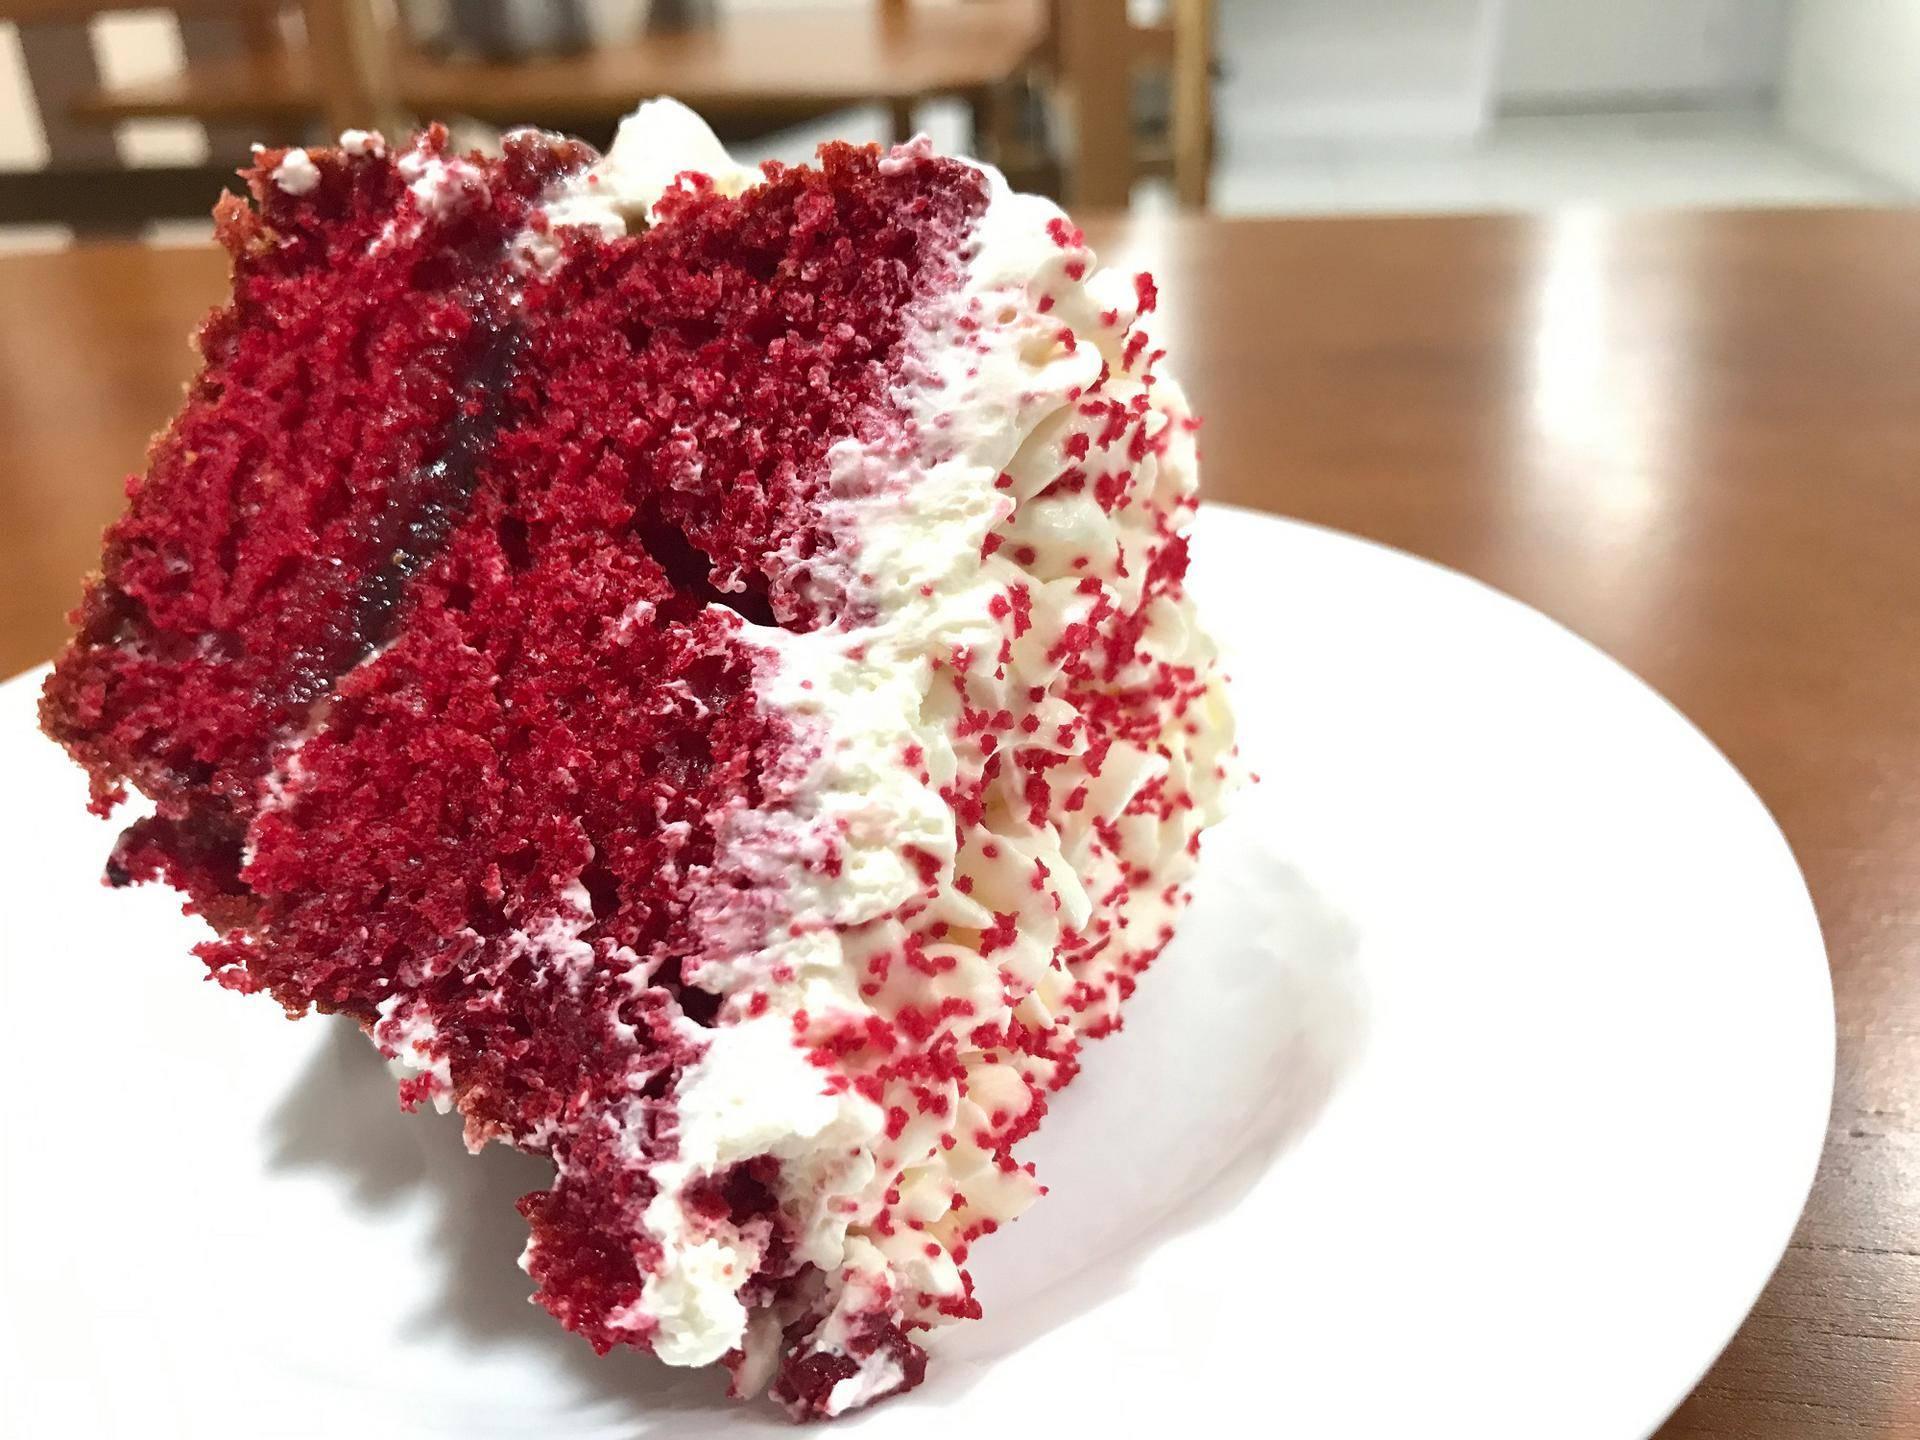 www.juicysantos.com.br - comprar bolo caseiro red velvet em santos